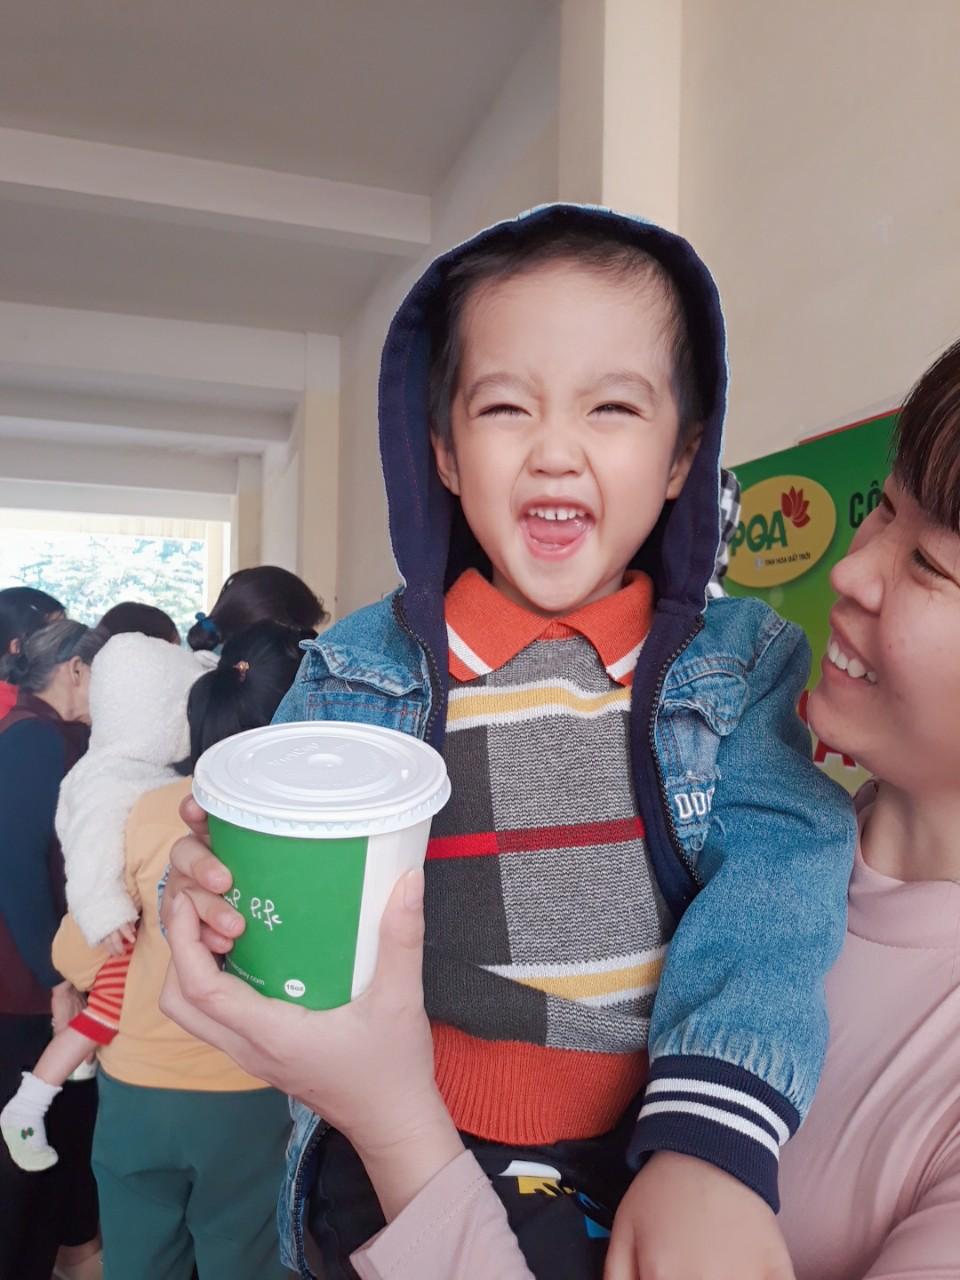 Chương trình thiện nguyện tháng 12: Tô cháo nhỏ - Lan tỏa yêu thương